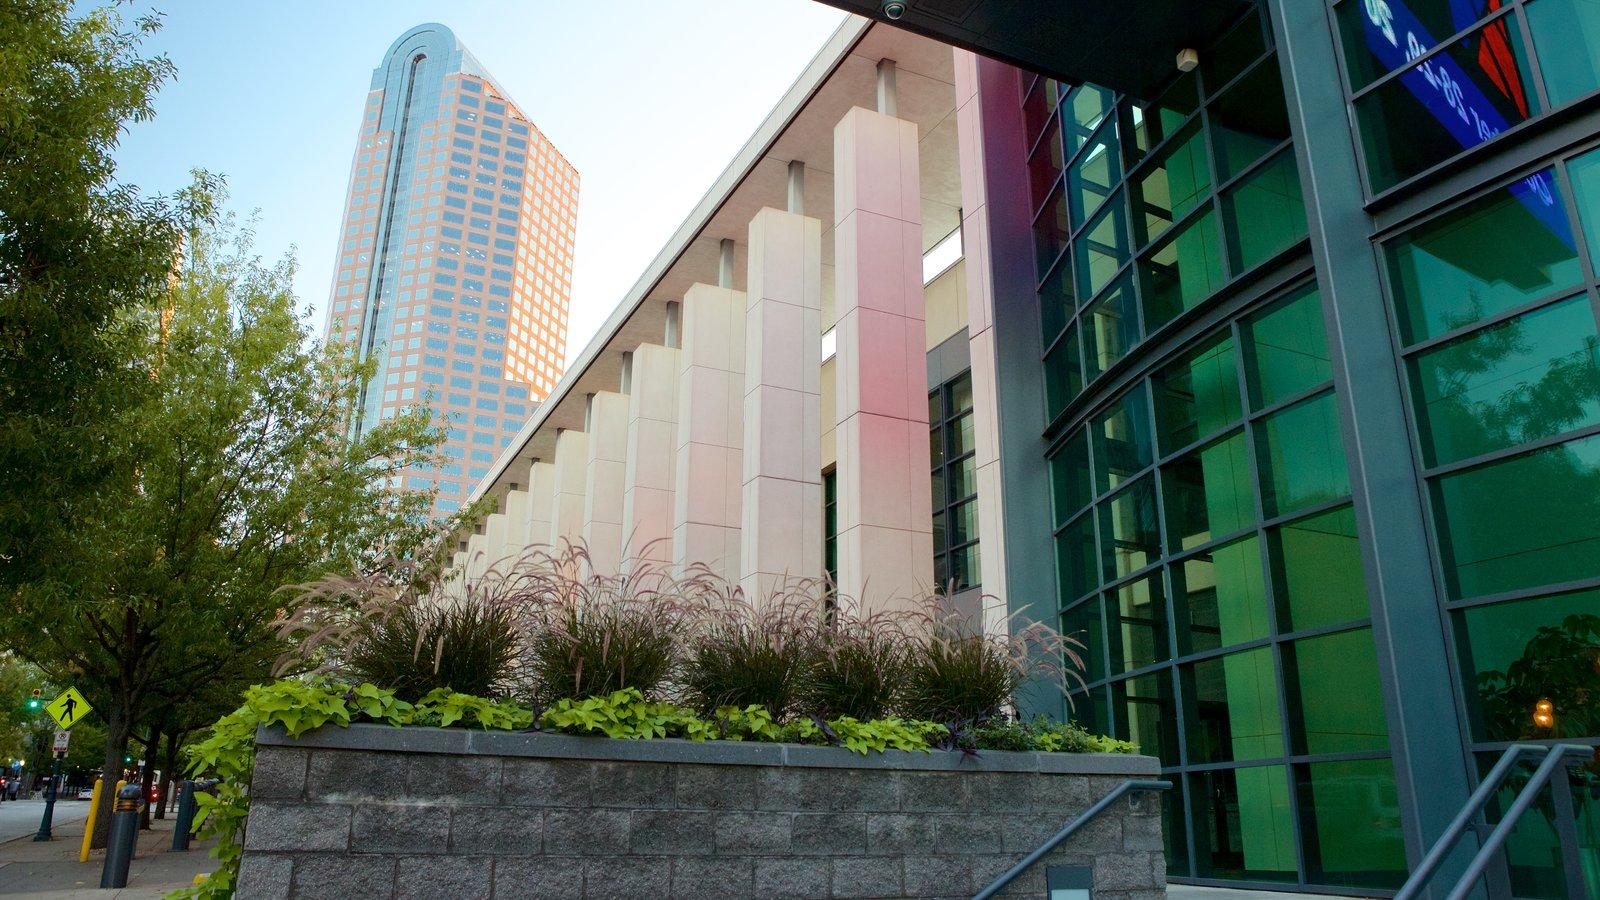 Charlotte Convention Center mostrando arquitetura moderna